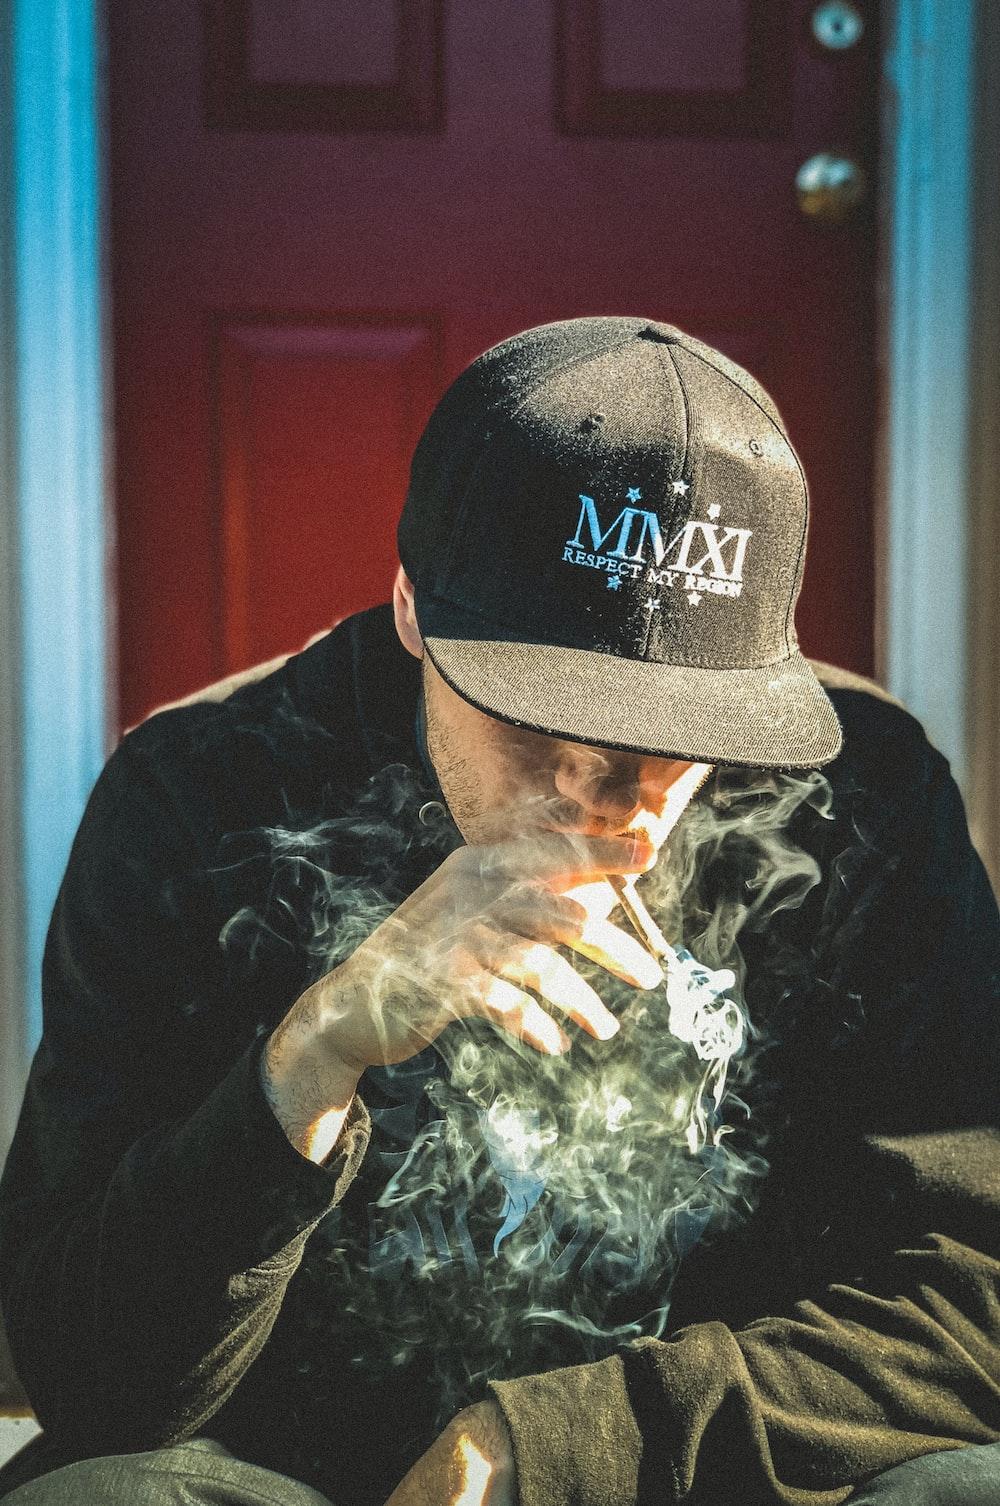 man in black cap and shirt sitting near door while smoking